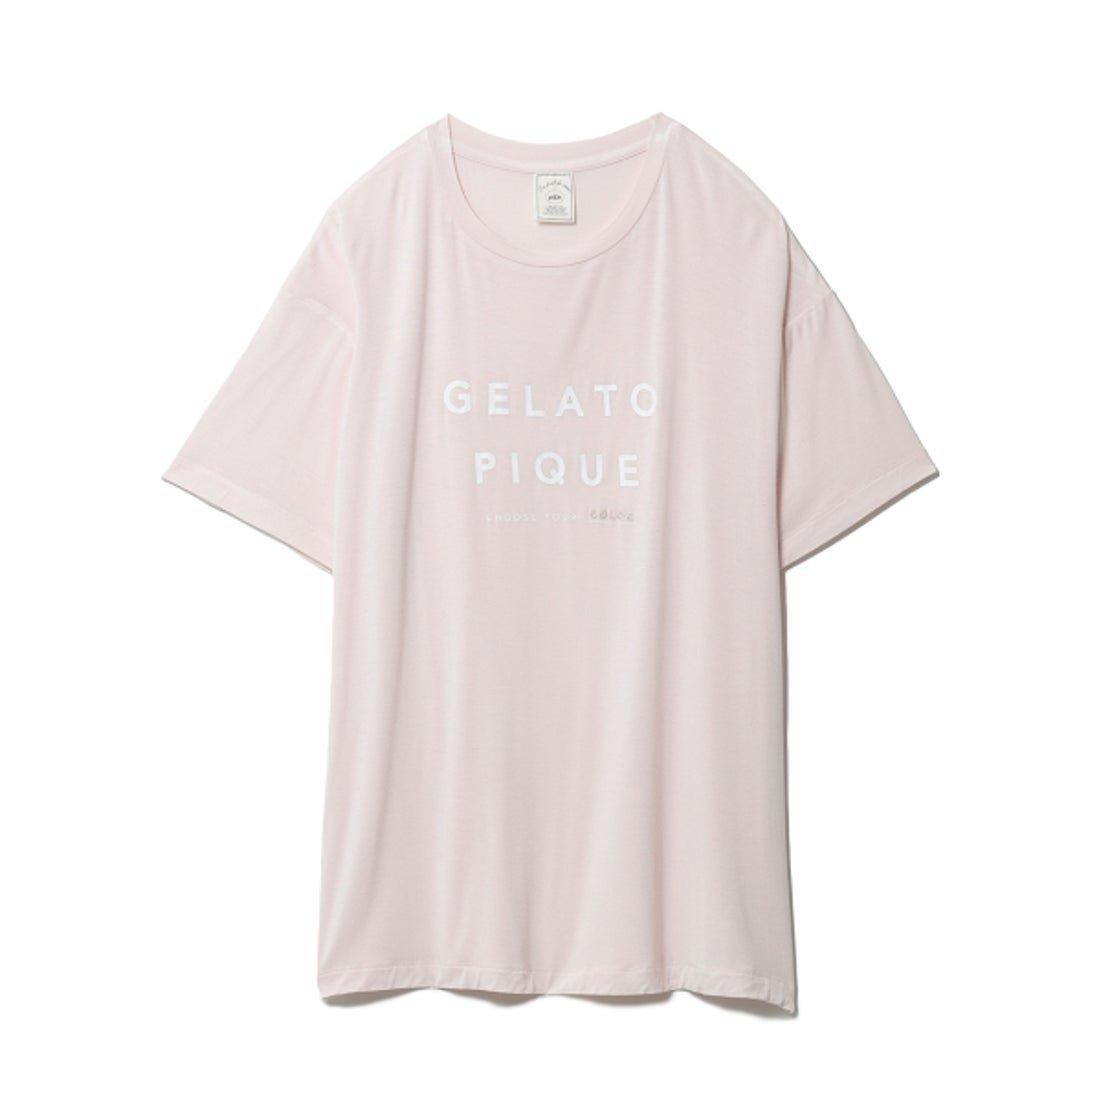 豊富な5つのカラーバリエーションで自分らしさが見つかるTシャツ おすすめで人気、流行・トレンド、ファッション通販商品 インテリア・家具・キッズファッション・メンズファッション・レディースファッション・服の通販 founy(ファニー) 【ジェラート ピケ/gelato pique】 トレンドファッション・スタイル  Fashion Trends ブランド Brand ファッション Fashion レディースファッション WOMEN トップス・カットソー Tops/Tshirt シャツ/ブラウス Shirts/Blouses ロング / Tシャツ T-Shirts 春 Spring サマー シンプル スマート セットアップ プリント モチーフ リラックス ワンポイント 2021年 2021 S/S・春夏 SS・Spring/Summer 2021春夏・S/S SS/Spring/Summer/2021 夏 Summer |ID:prp329100001852362